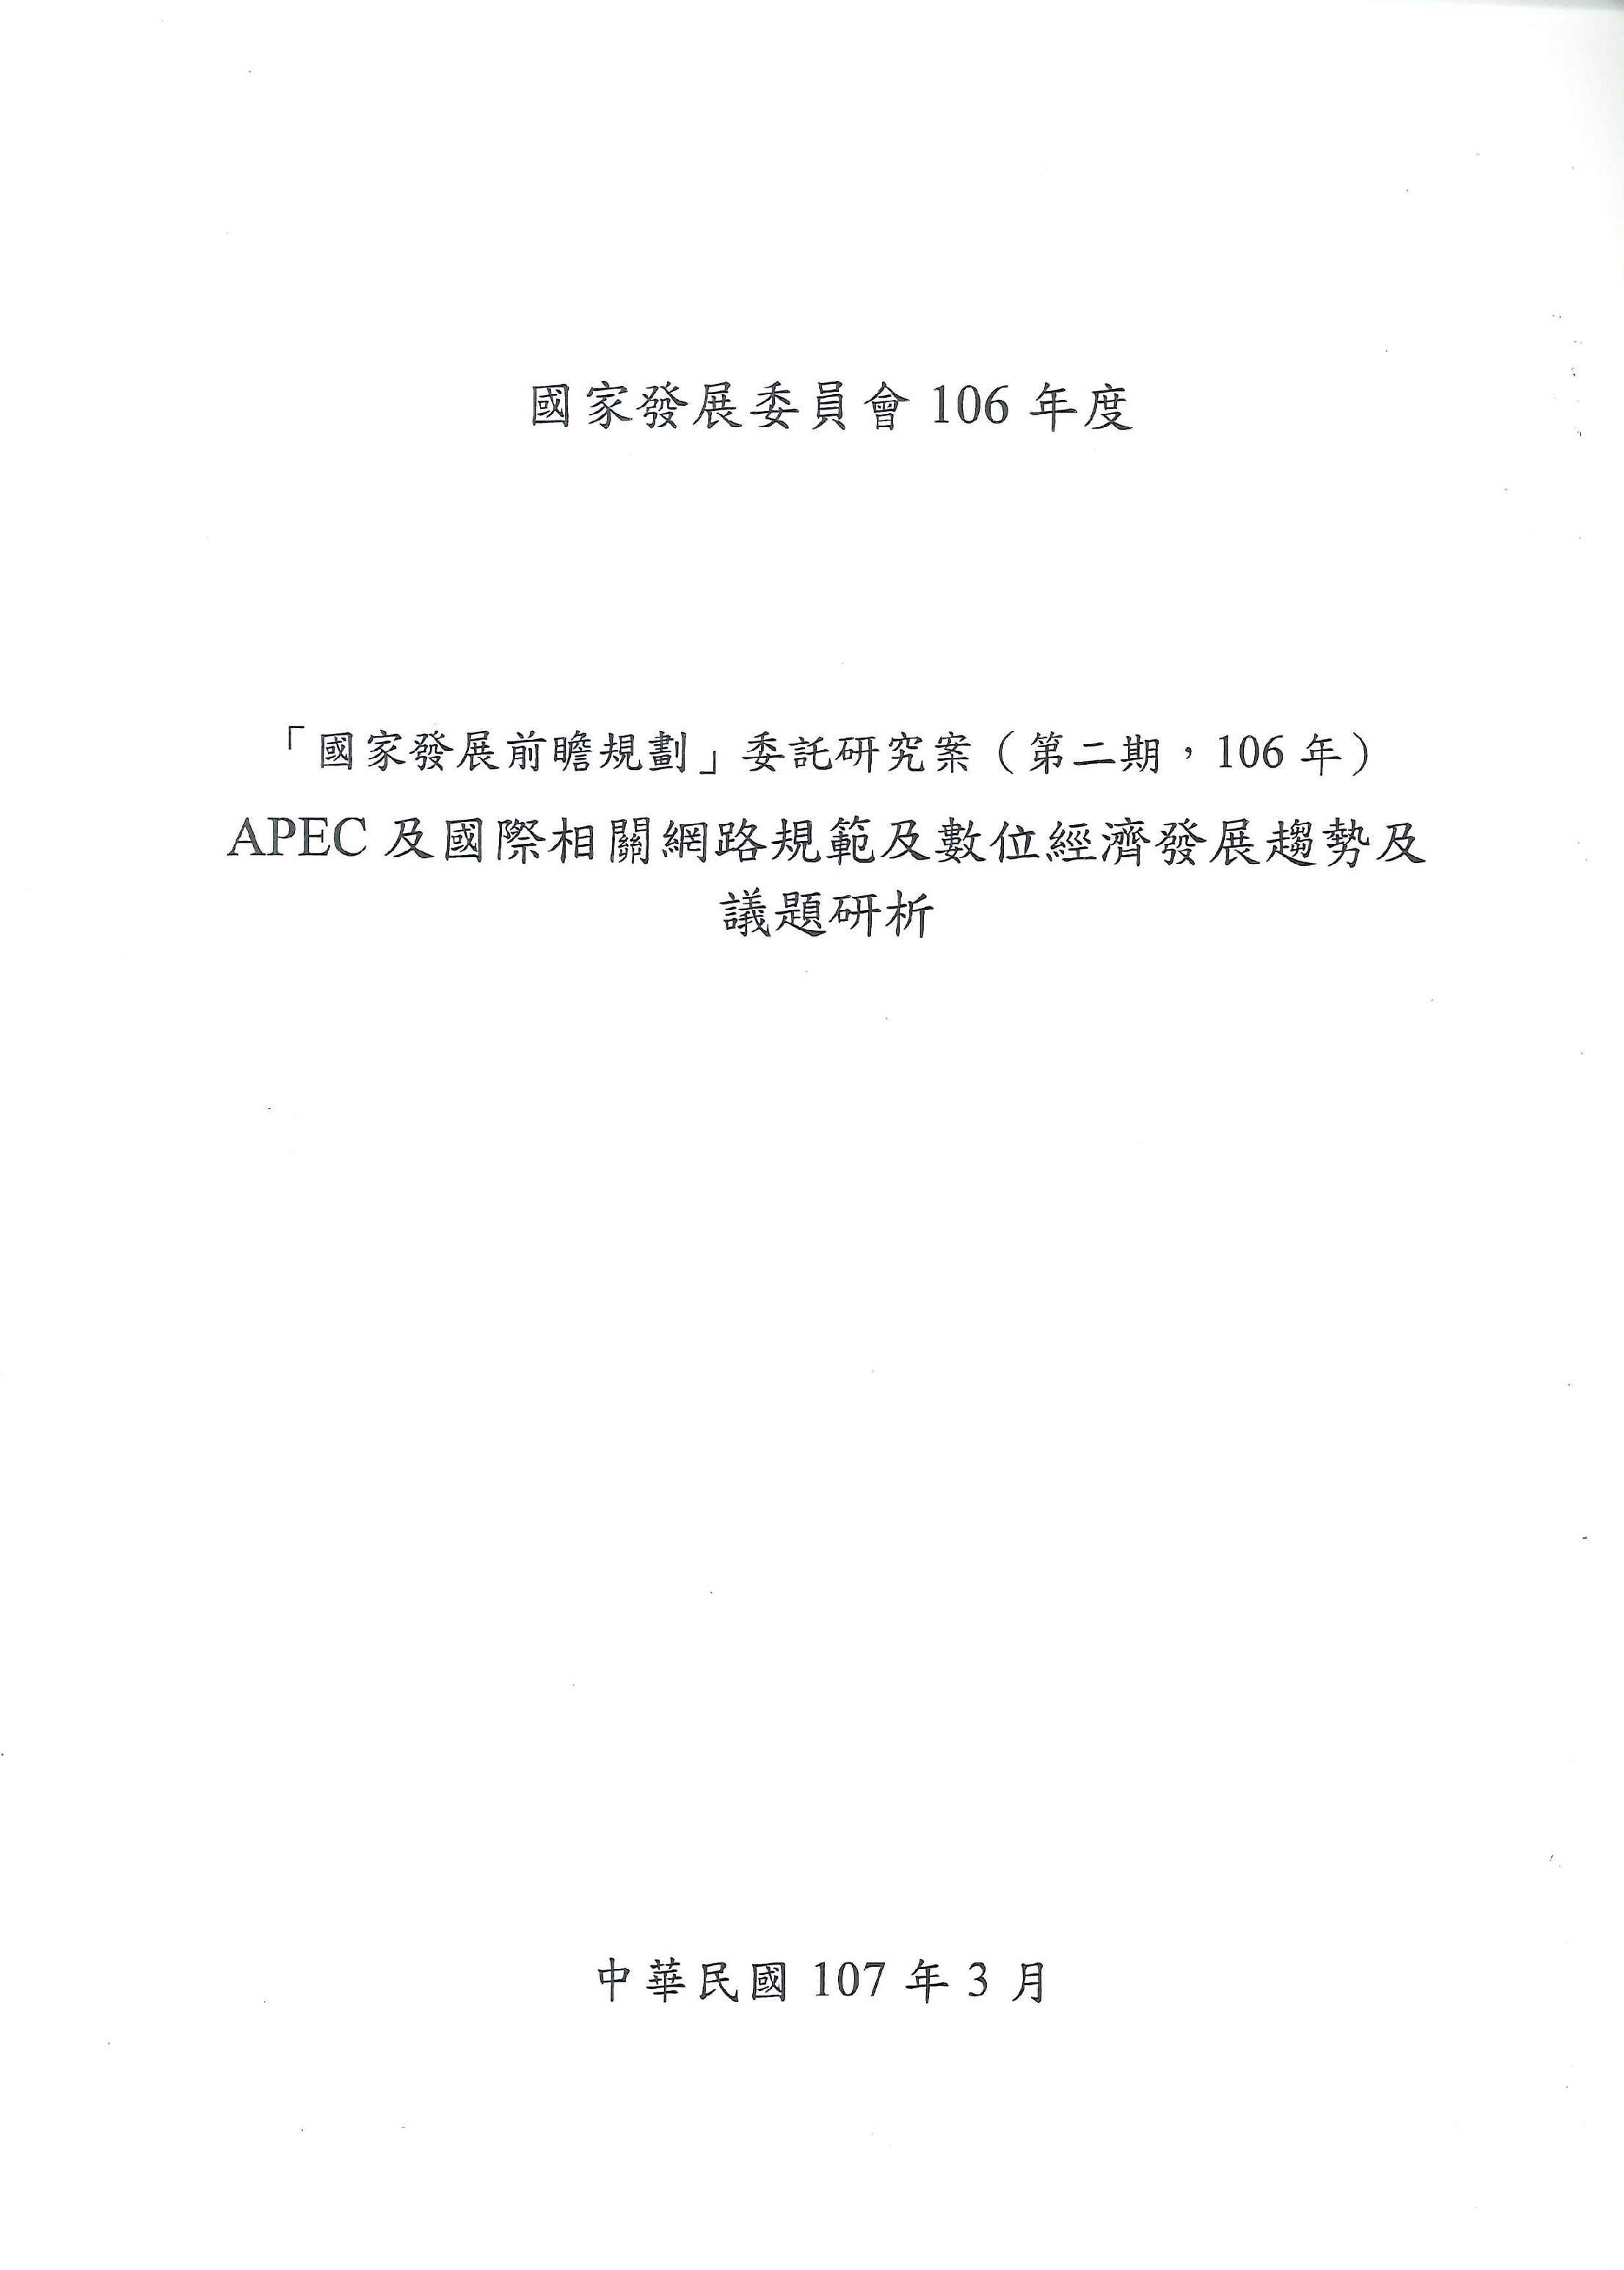 「國家發展前瞻規劃」委託研究案.APEC及國際相關網路規範及數位經濟發展趨勢及議題研析.第二期,106年